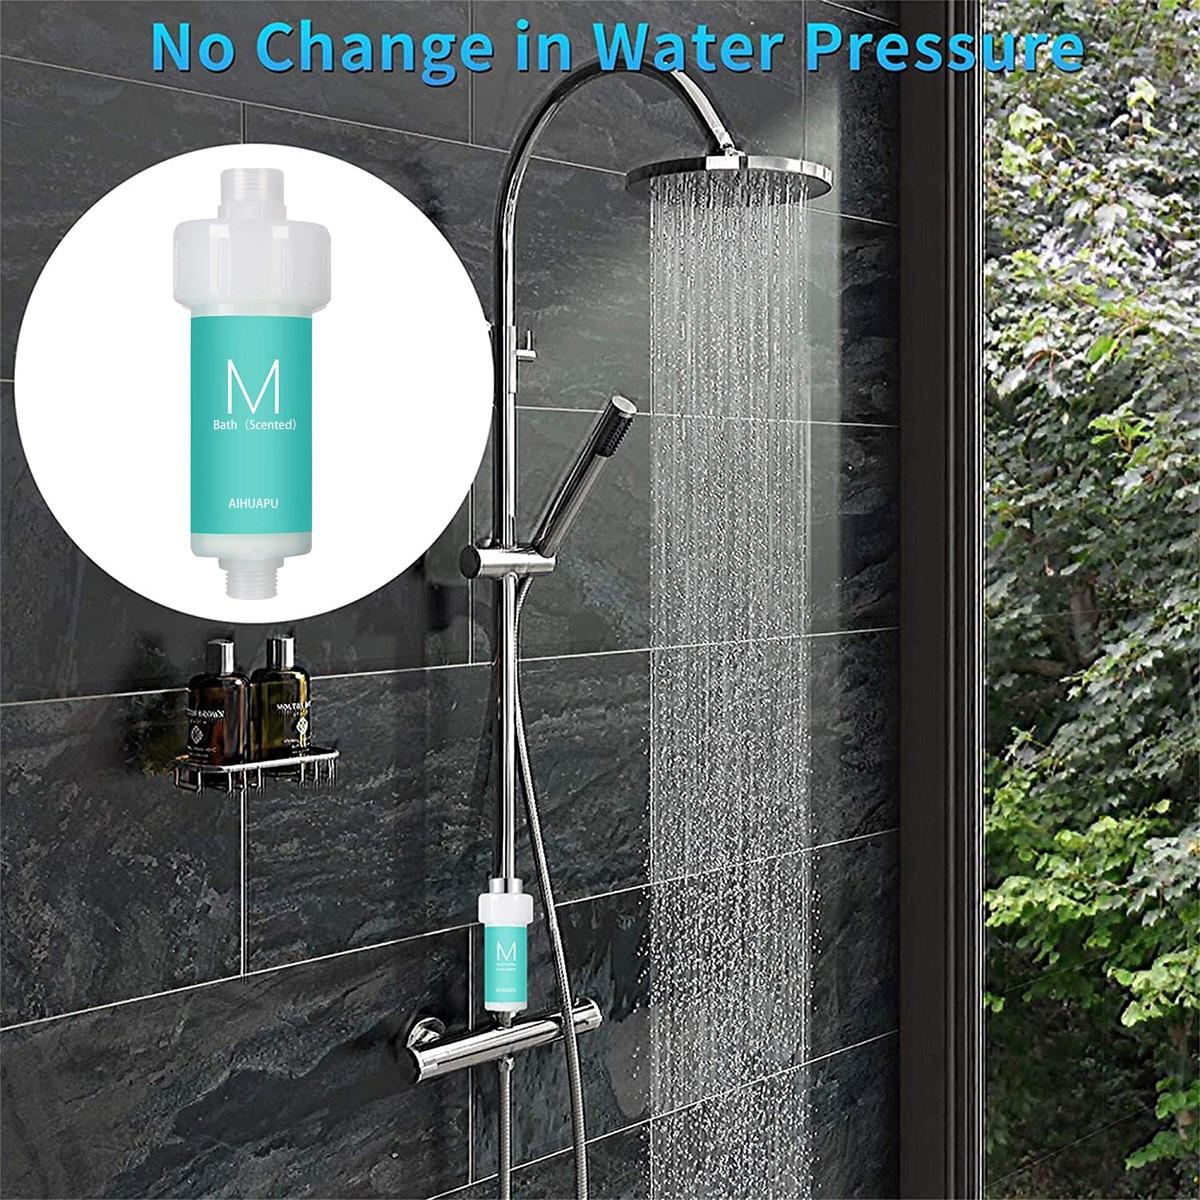 Ванная комната Душ фильтр для трав аромата спа купальный воды